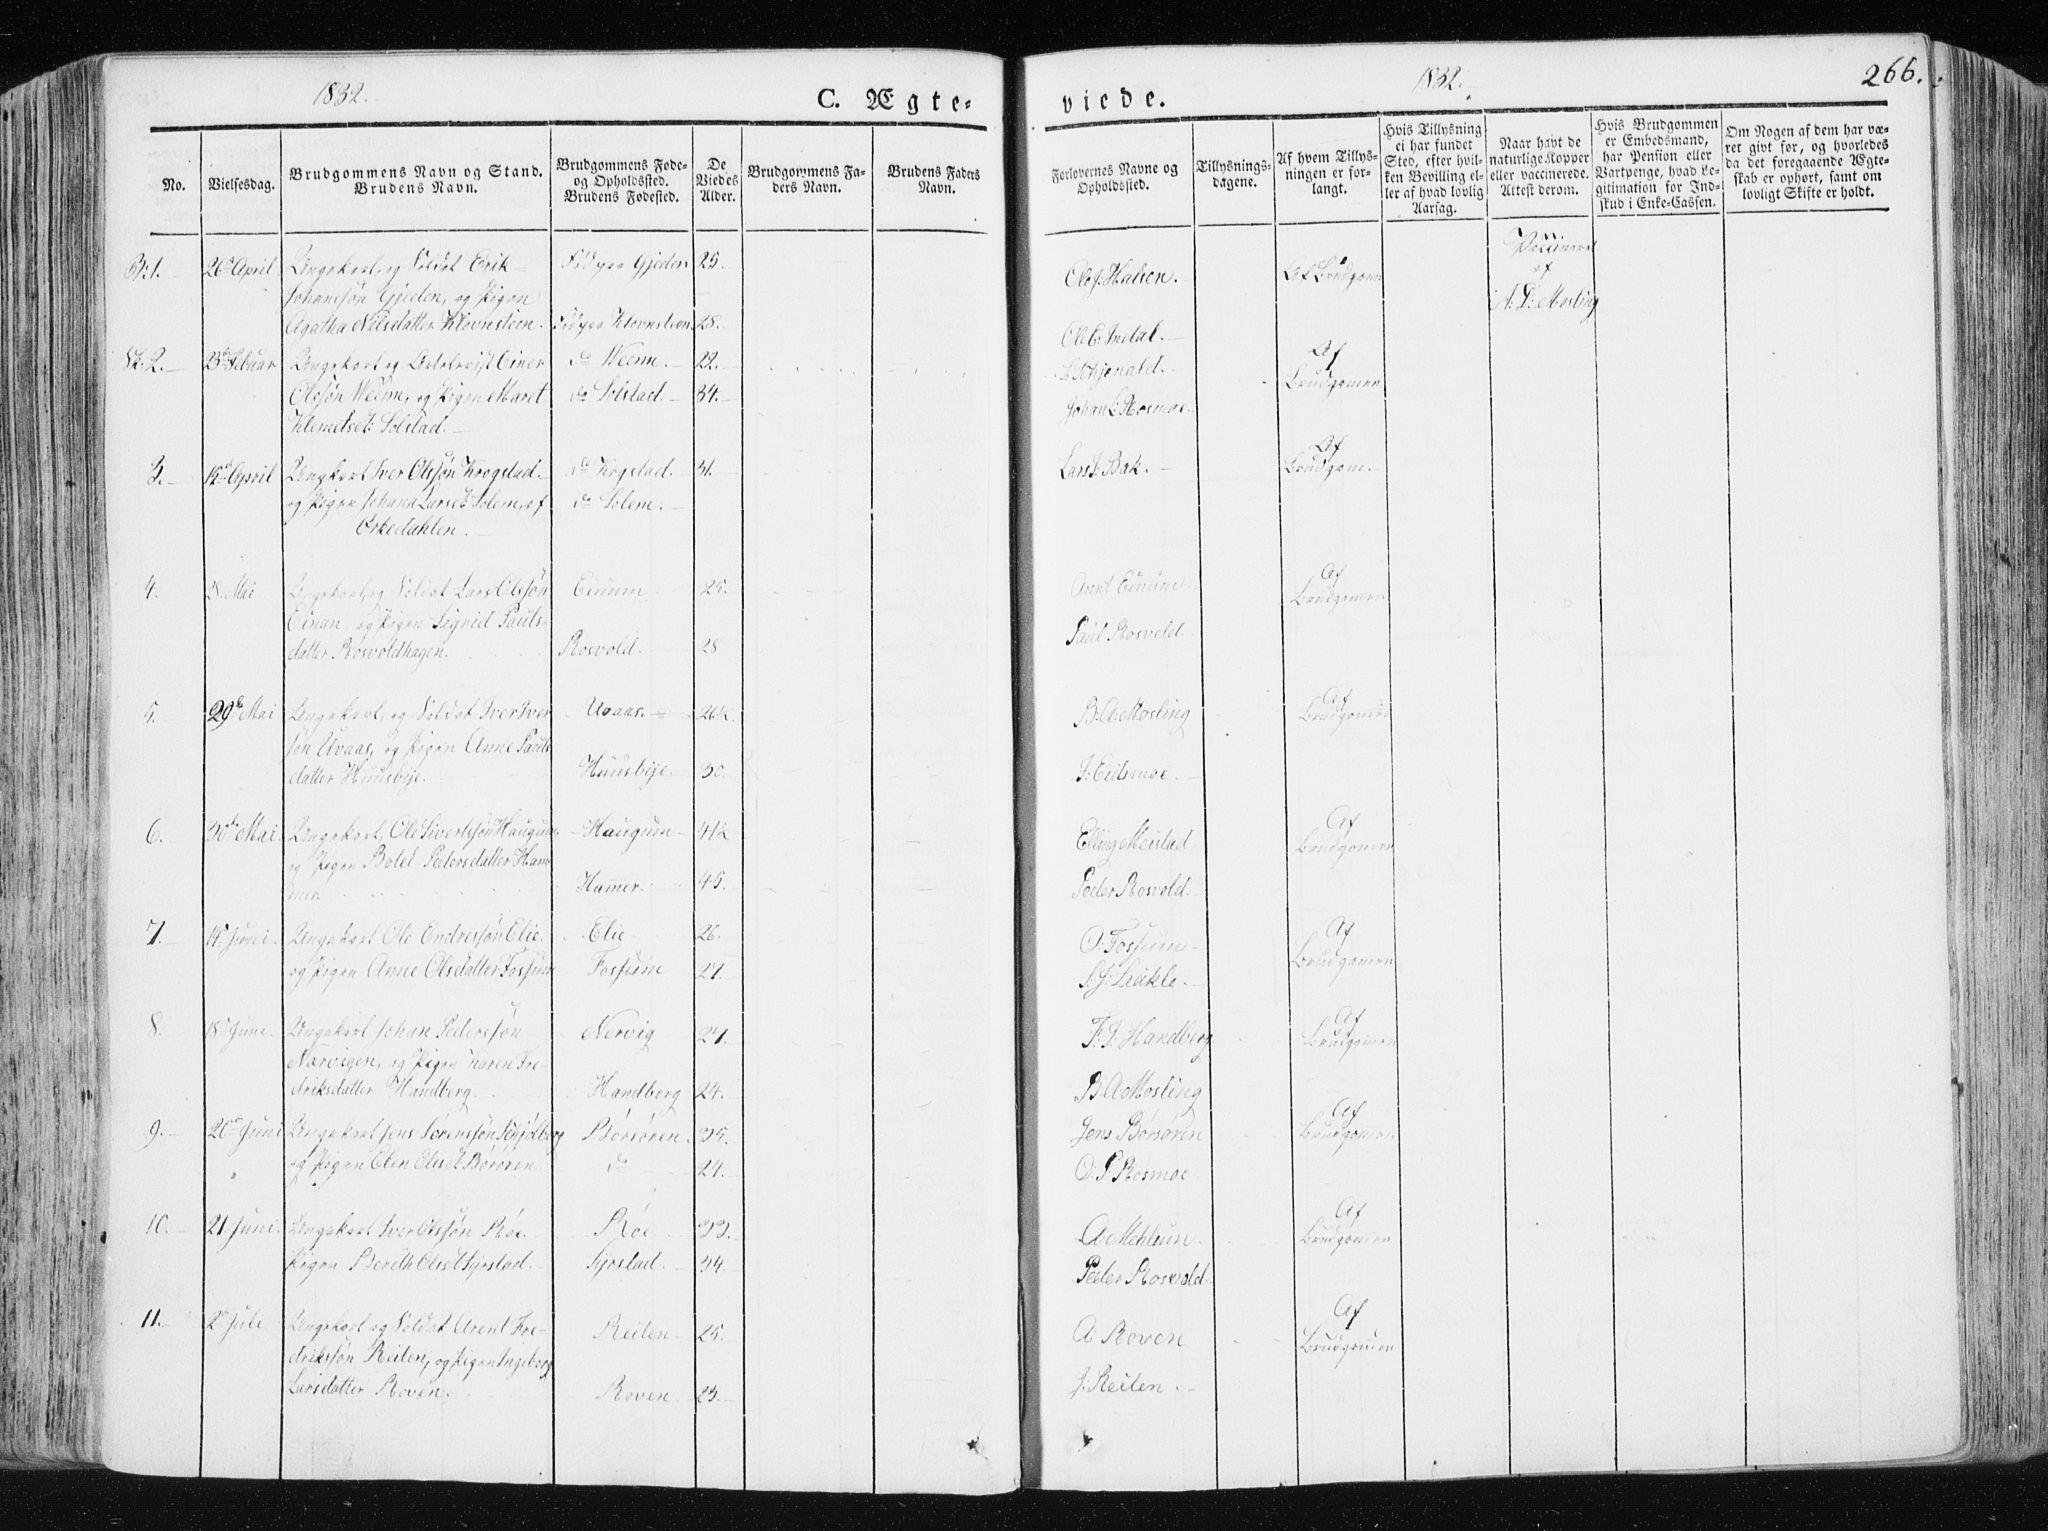 SAT, Ministerialprotokoller, klokkerbøker og fødselsregistre - Sør-Trøndelag, 665/L0771: Ministerialbok nr. 665A06, 1830-1856, s. 266